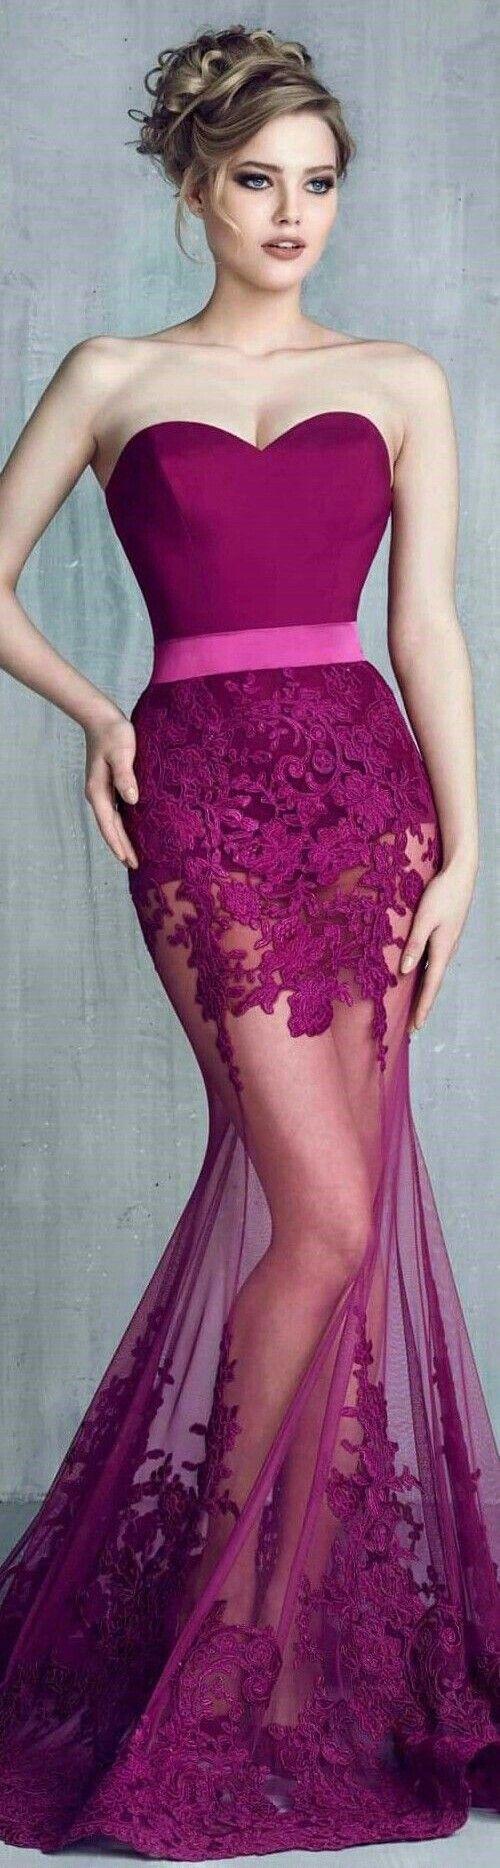 Perfecto Diseñador De Vestidos De Cóctel Melbourne Molde - Colección ...